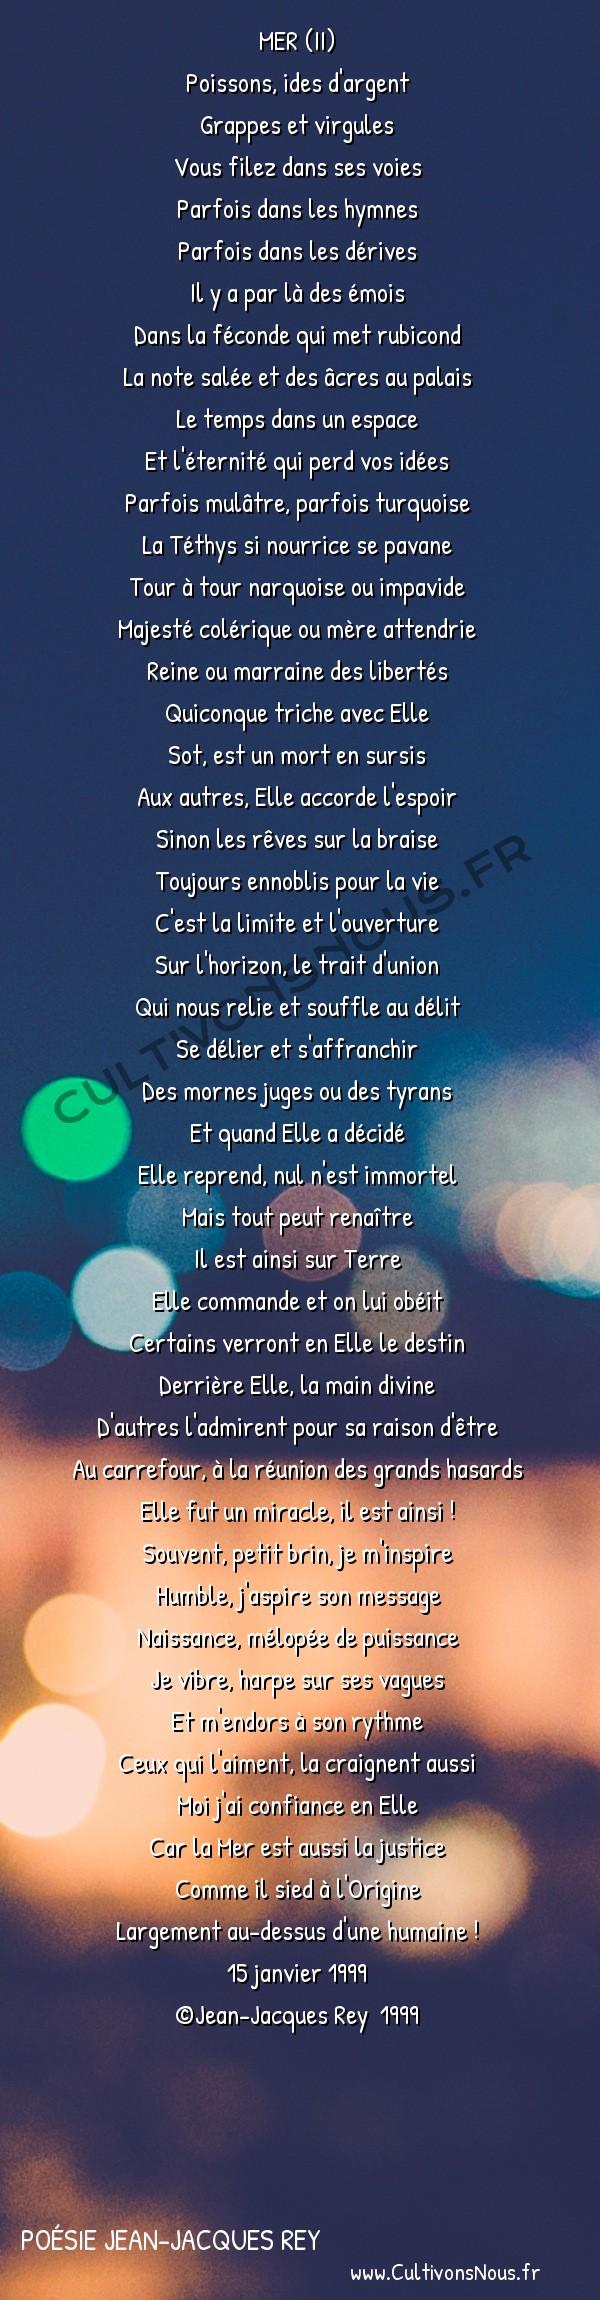 Poésies contemporaines - poésie Jean-Jacques Rey - mer 2 -  MER (II) Poissons, ides d'argent